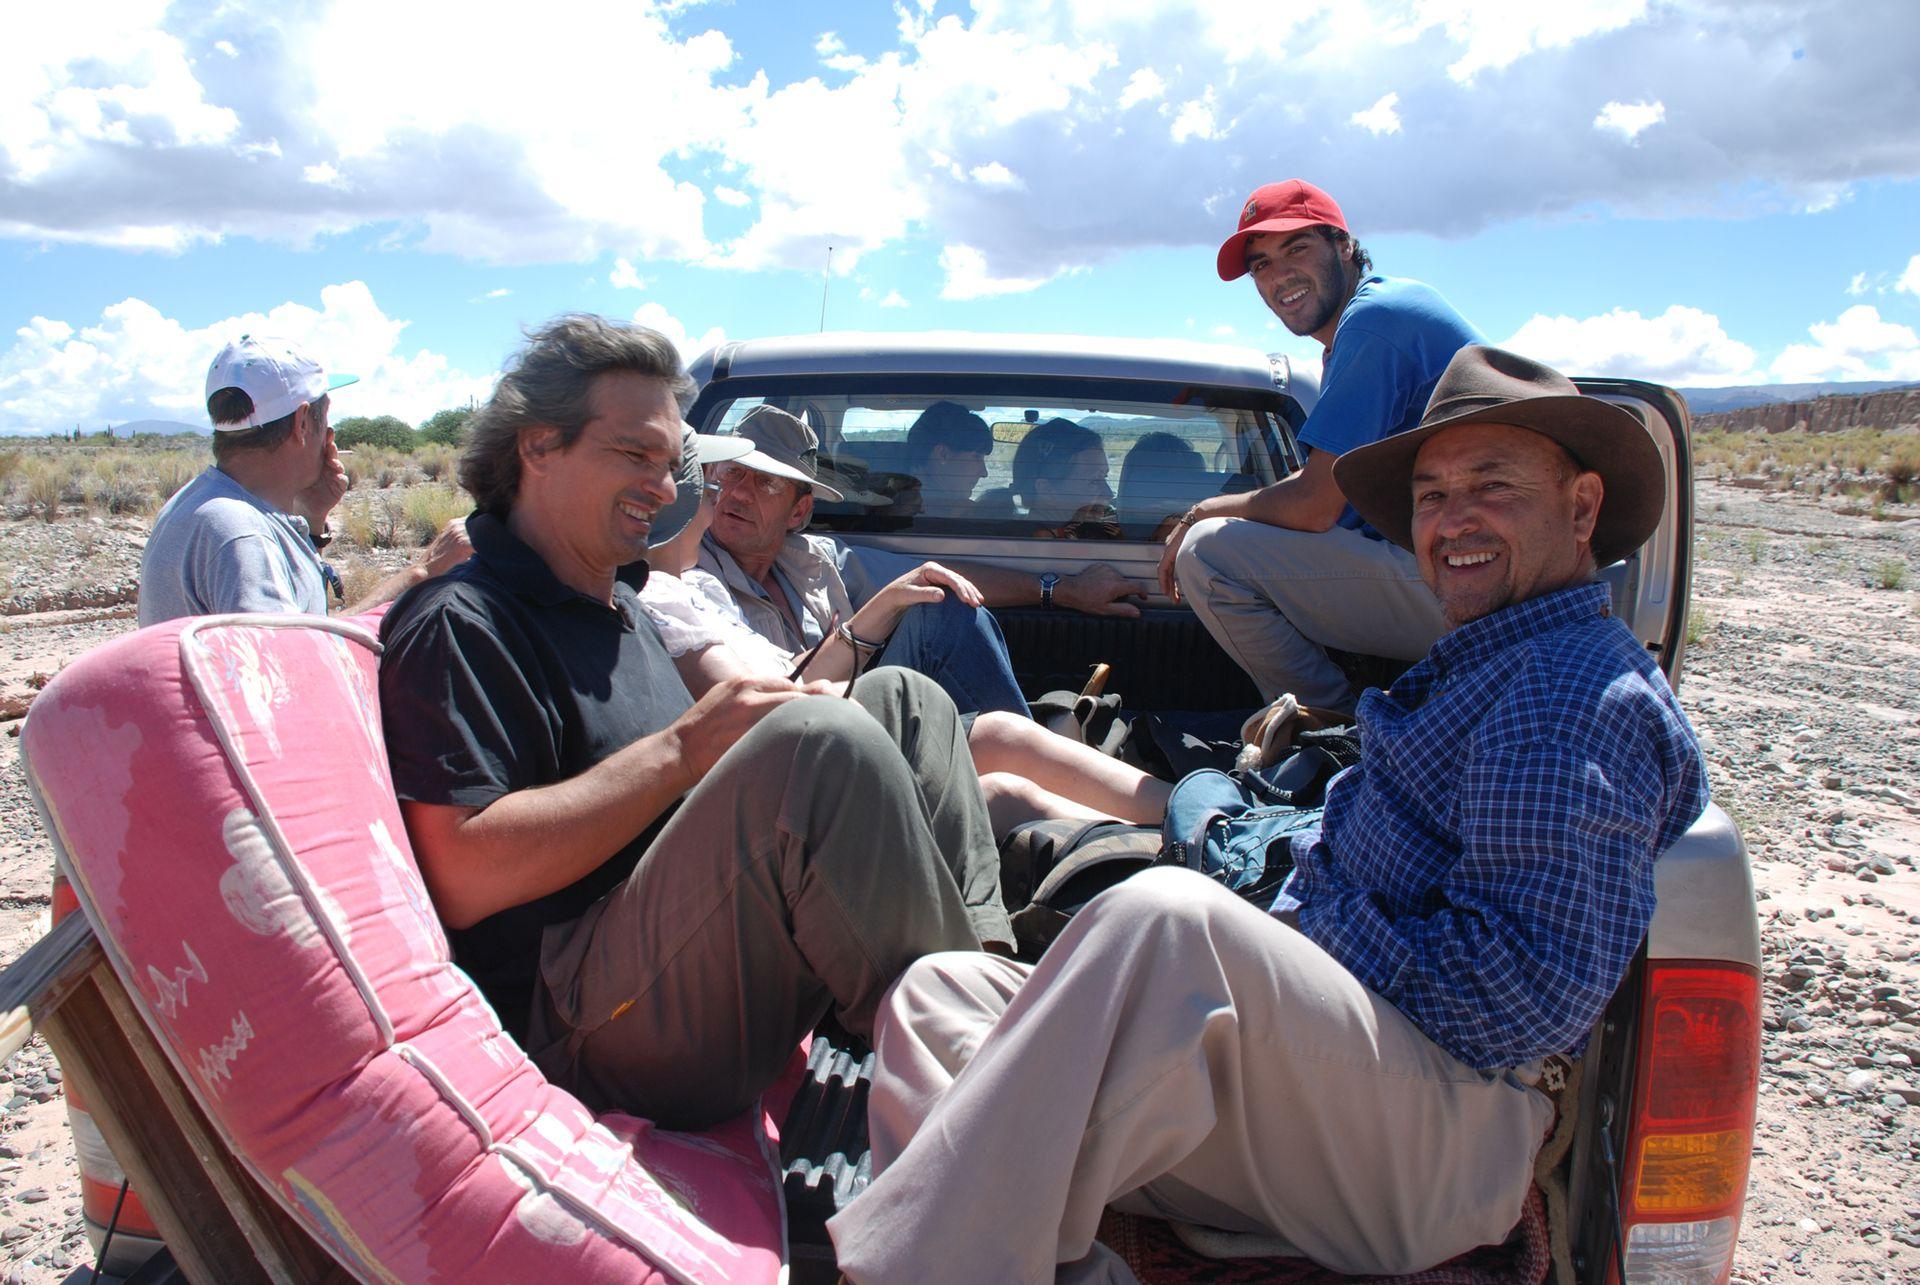 Fido Abán en 2010, cuando iba a Acsibi con colchones en la caja de la camioneta.